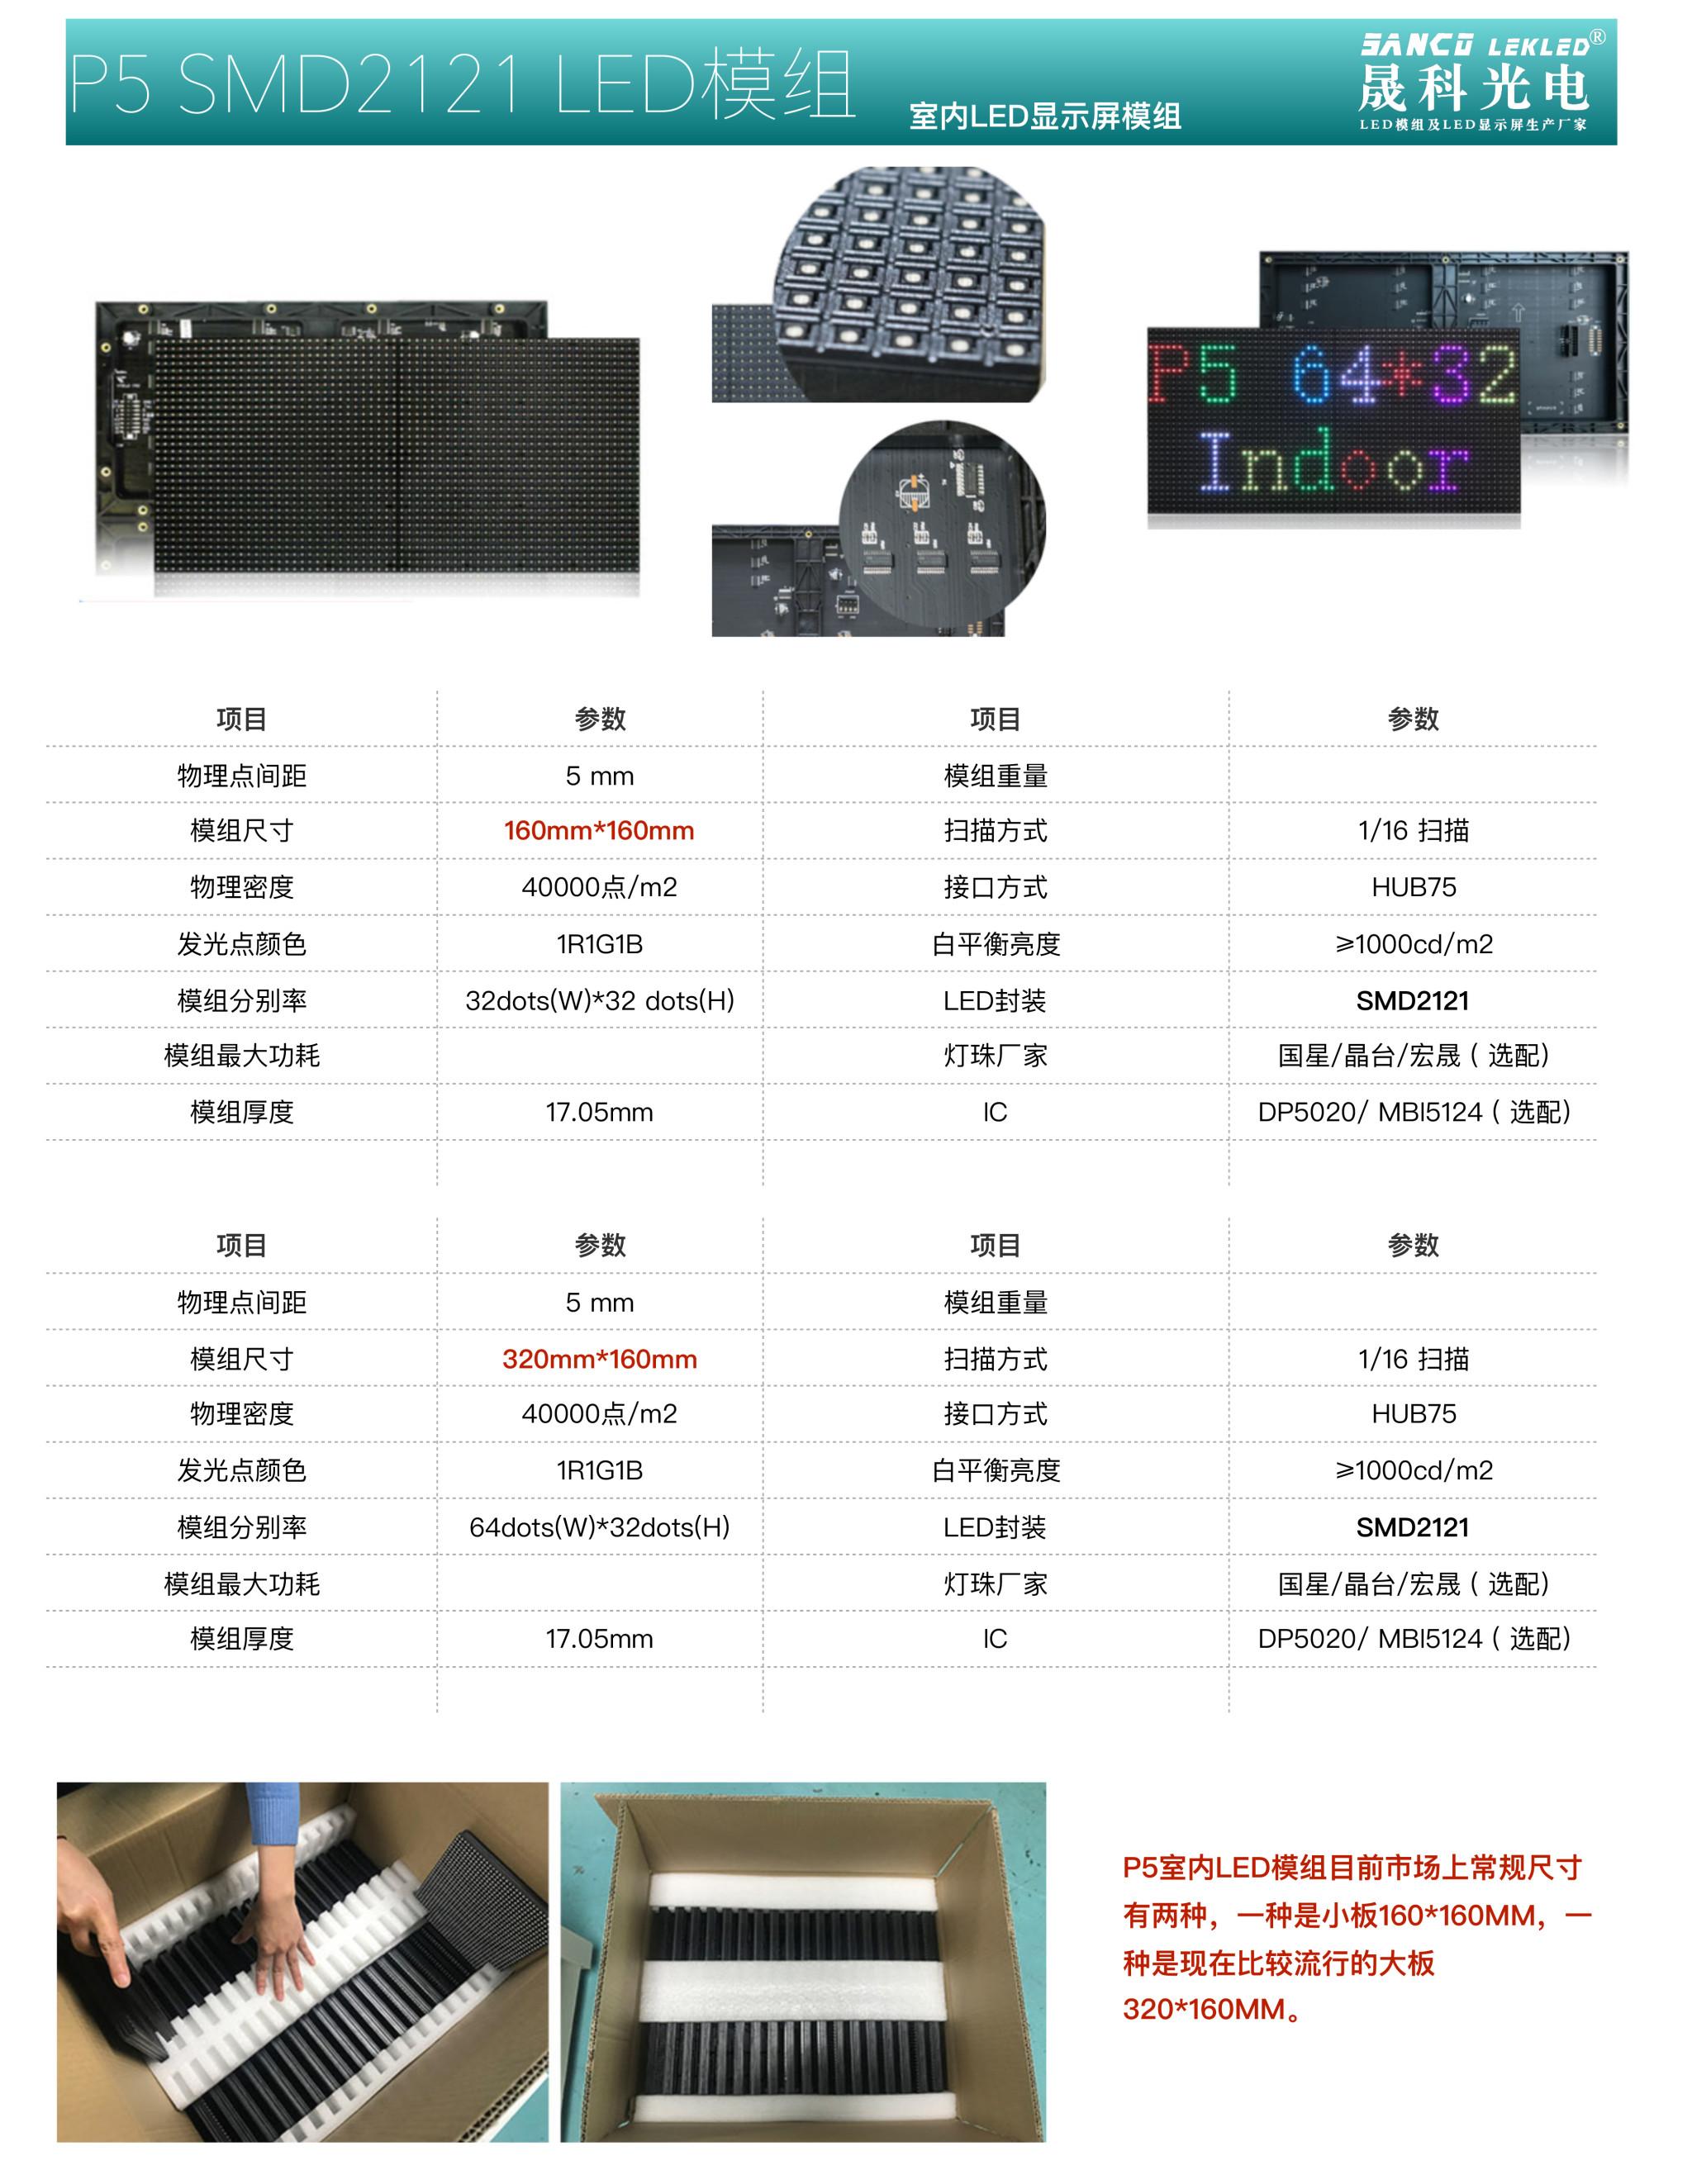 晟科P5 SMD2121 LED模组参数